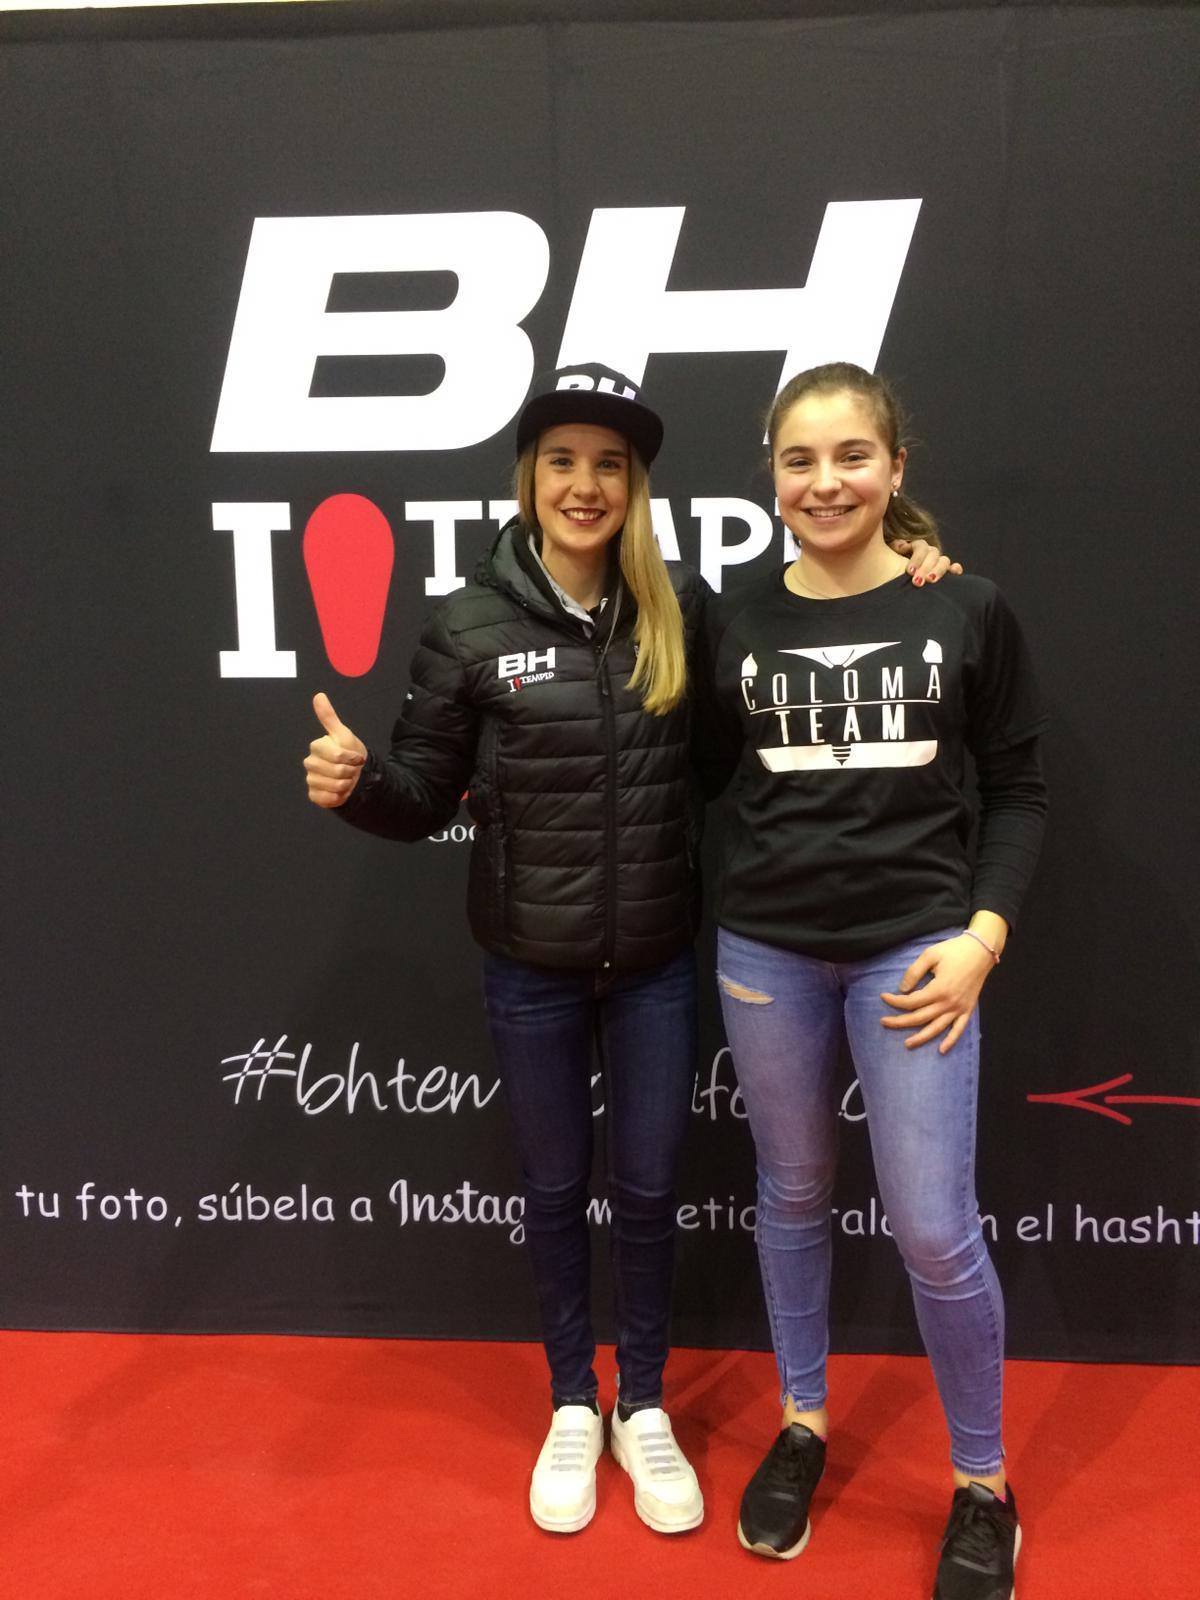 La jarrera María López se presenta con el nuevo equipo de Carlos Coloma, el BH Templo Cafés UCC 4